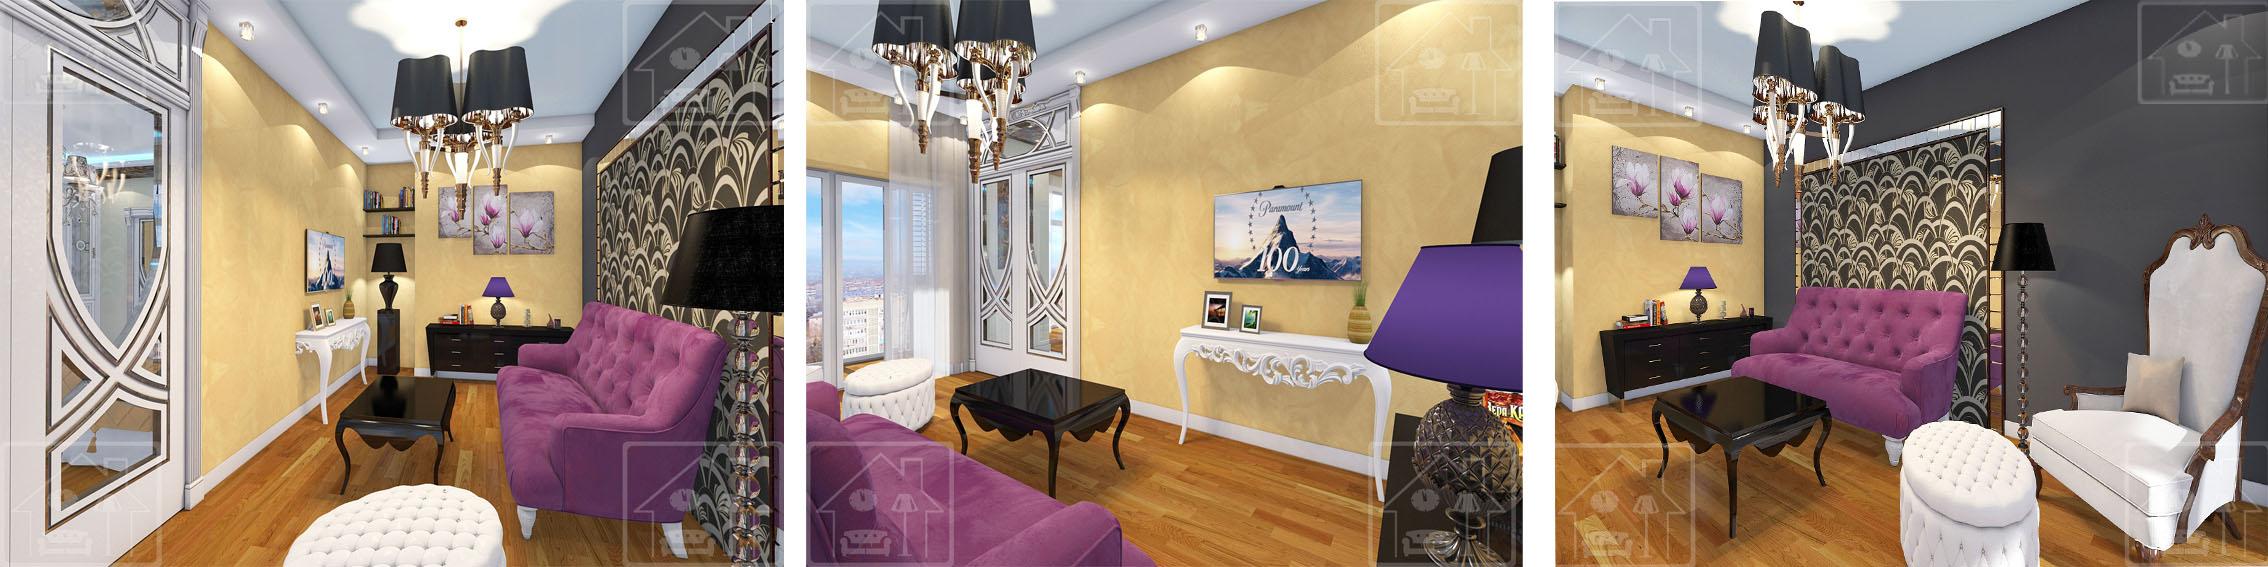 Гостевая комната ЖК виноградный